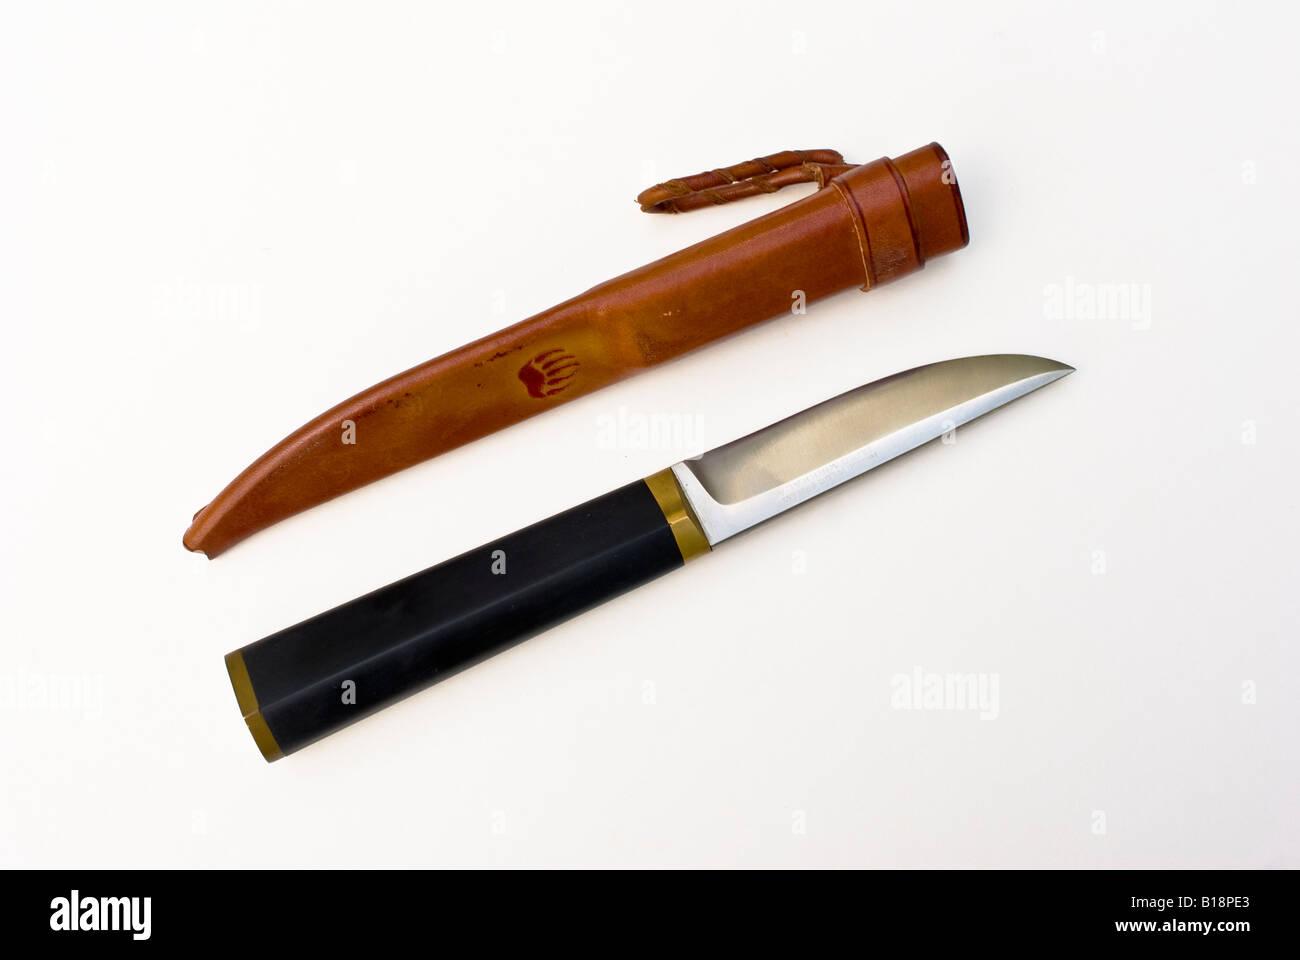 Sheath Knife Stock Photos & Sheath Knife Stock Images - Alamy